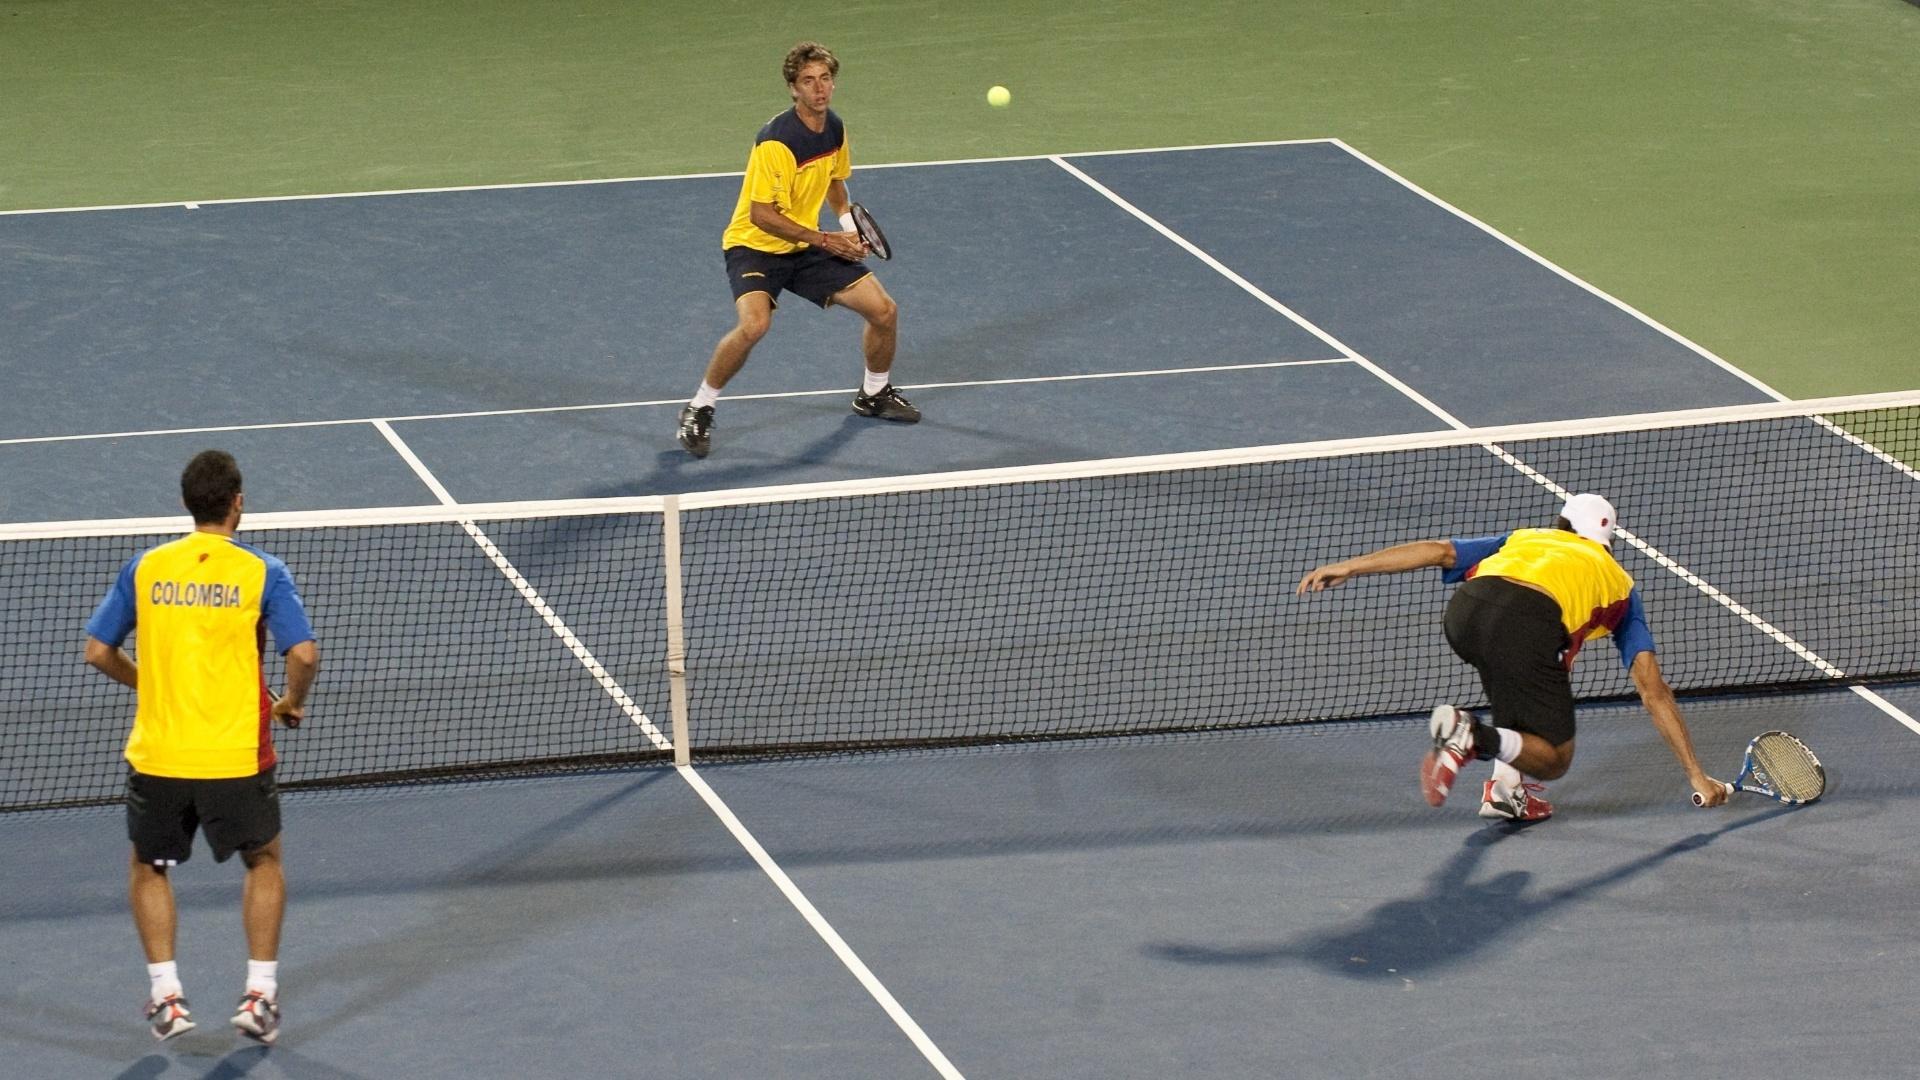 O tenista colombiano Robert Farah (dir.) se estica para volear a bola no jogo de duplas contra o Equador